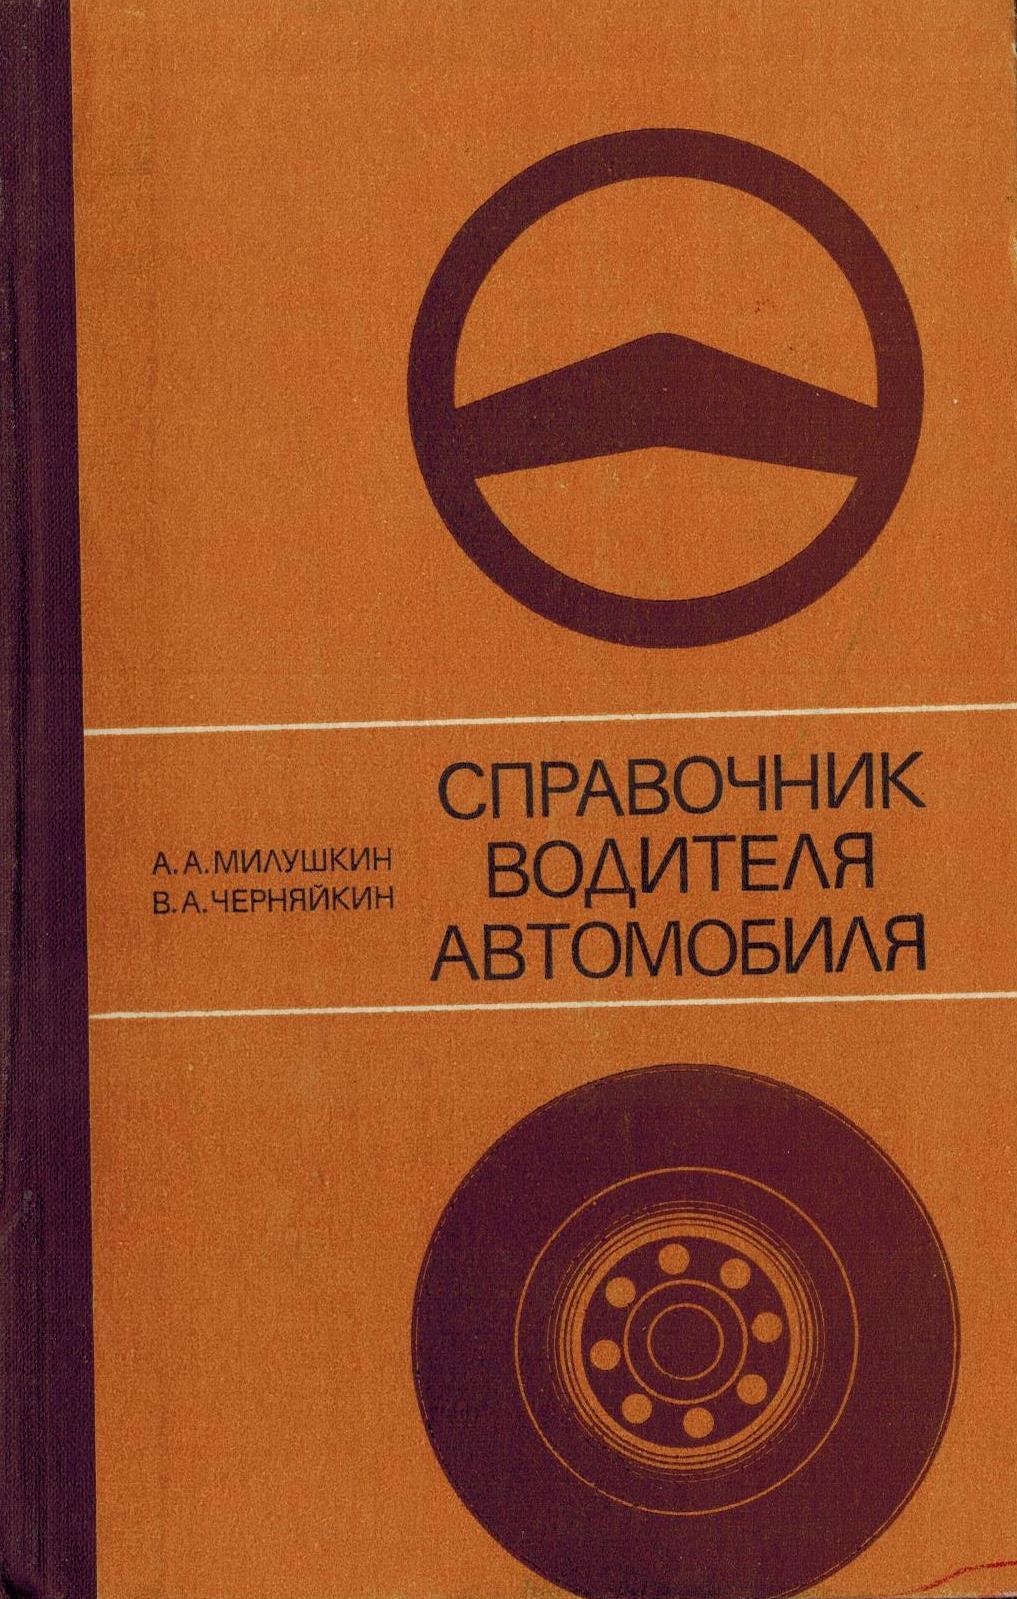 Милушкин А.А. Черняйкин В.А. Справочник водителя автомобиля